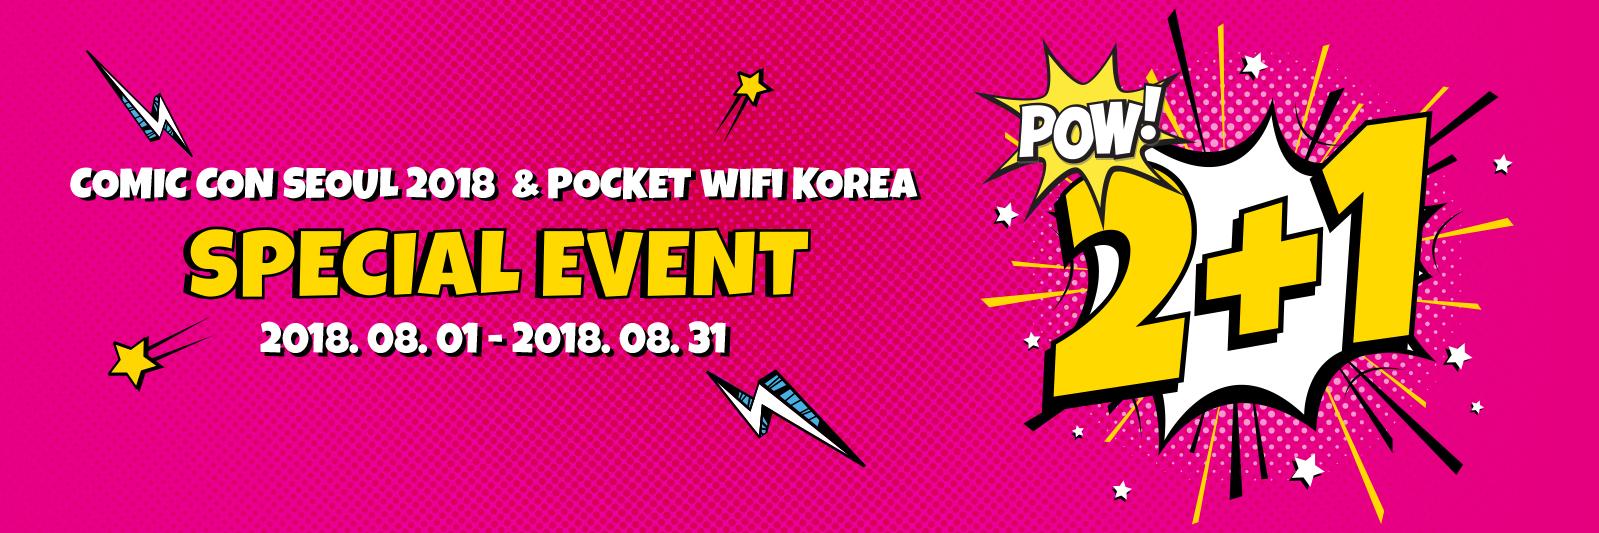 2018 상설 이벤트 배너 8월 수정